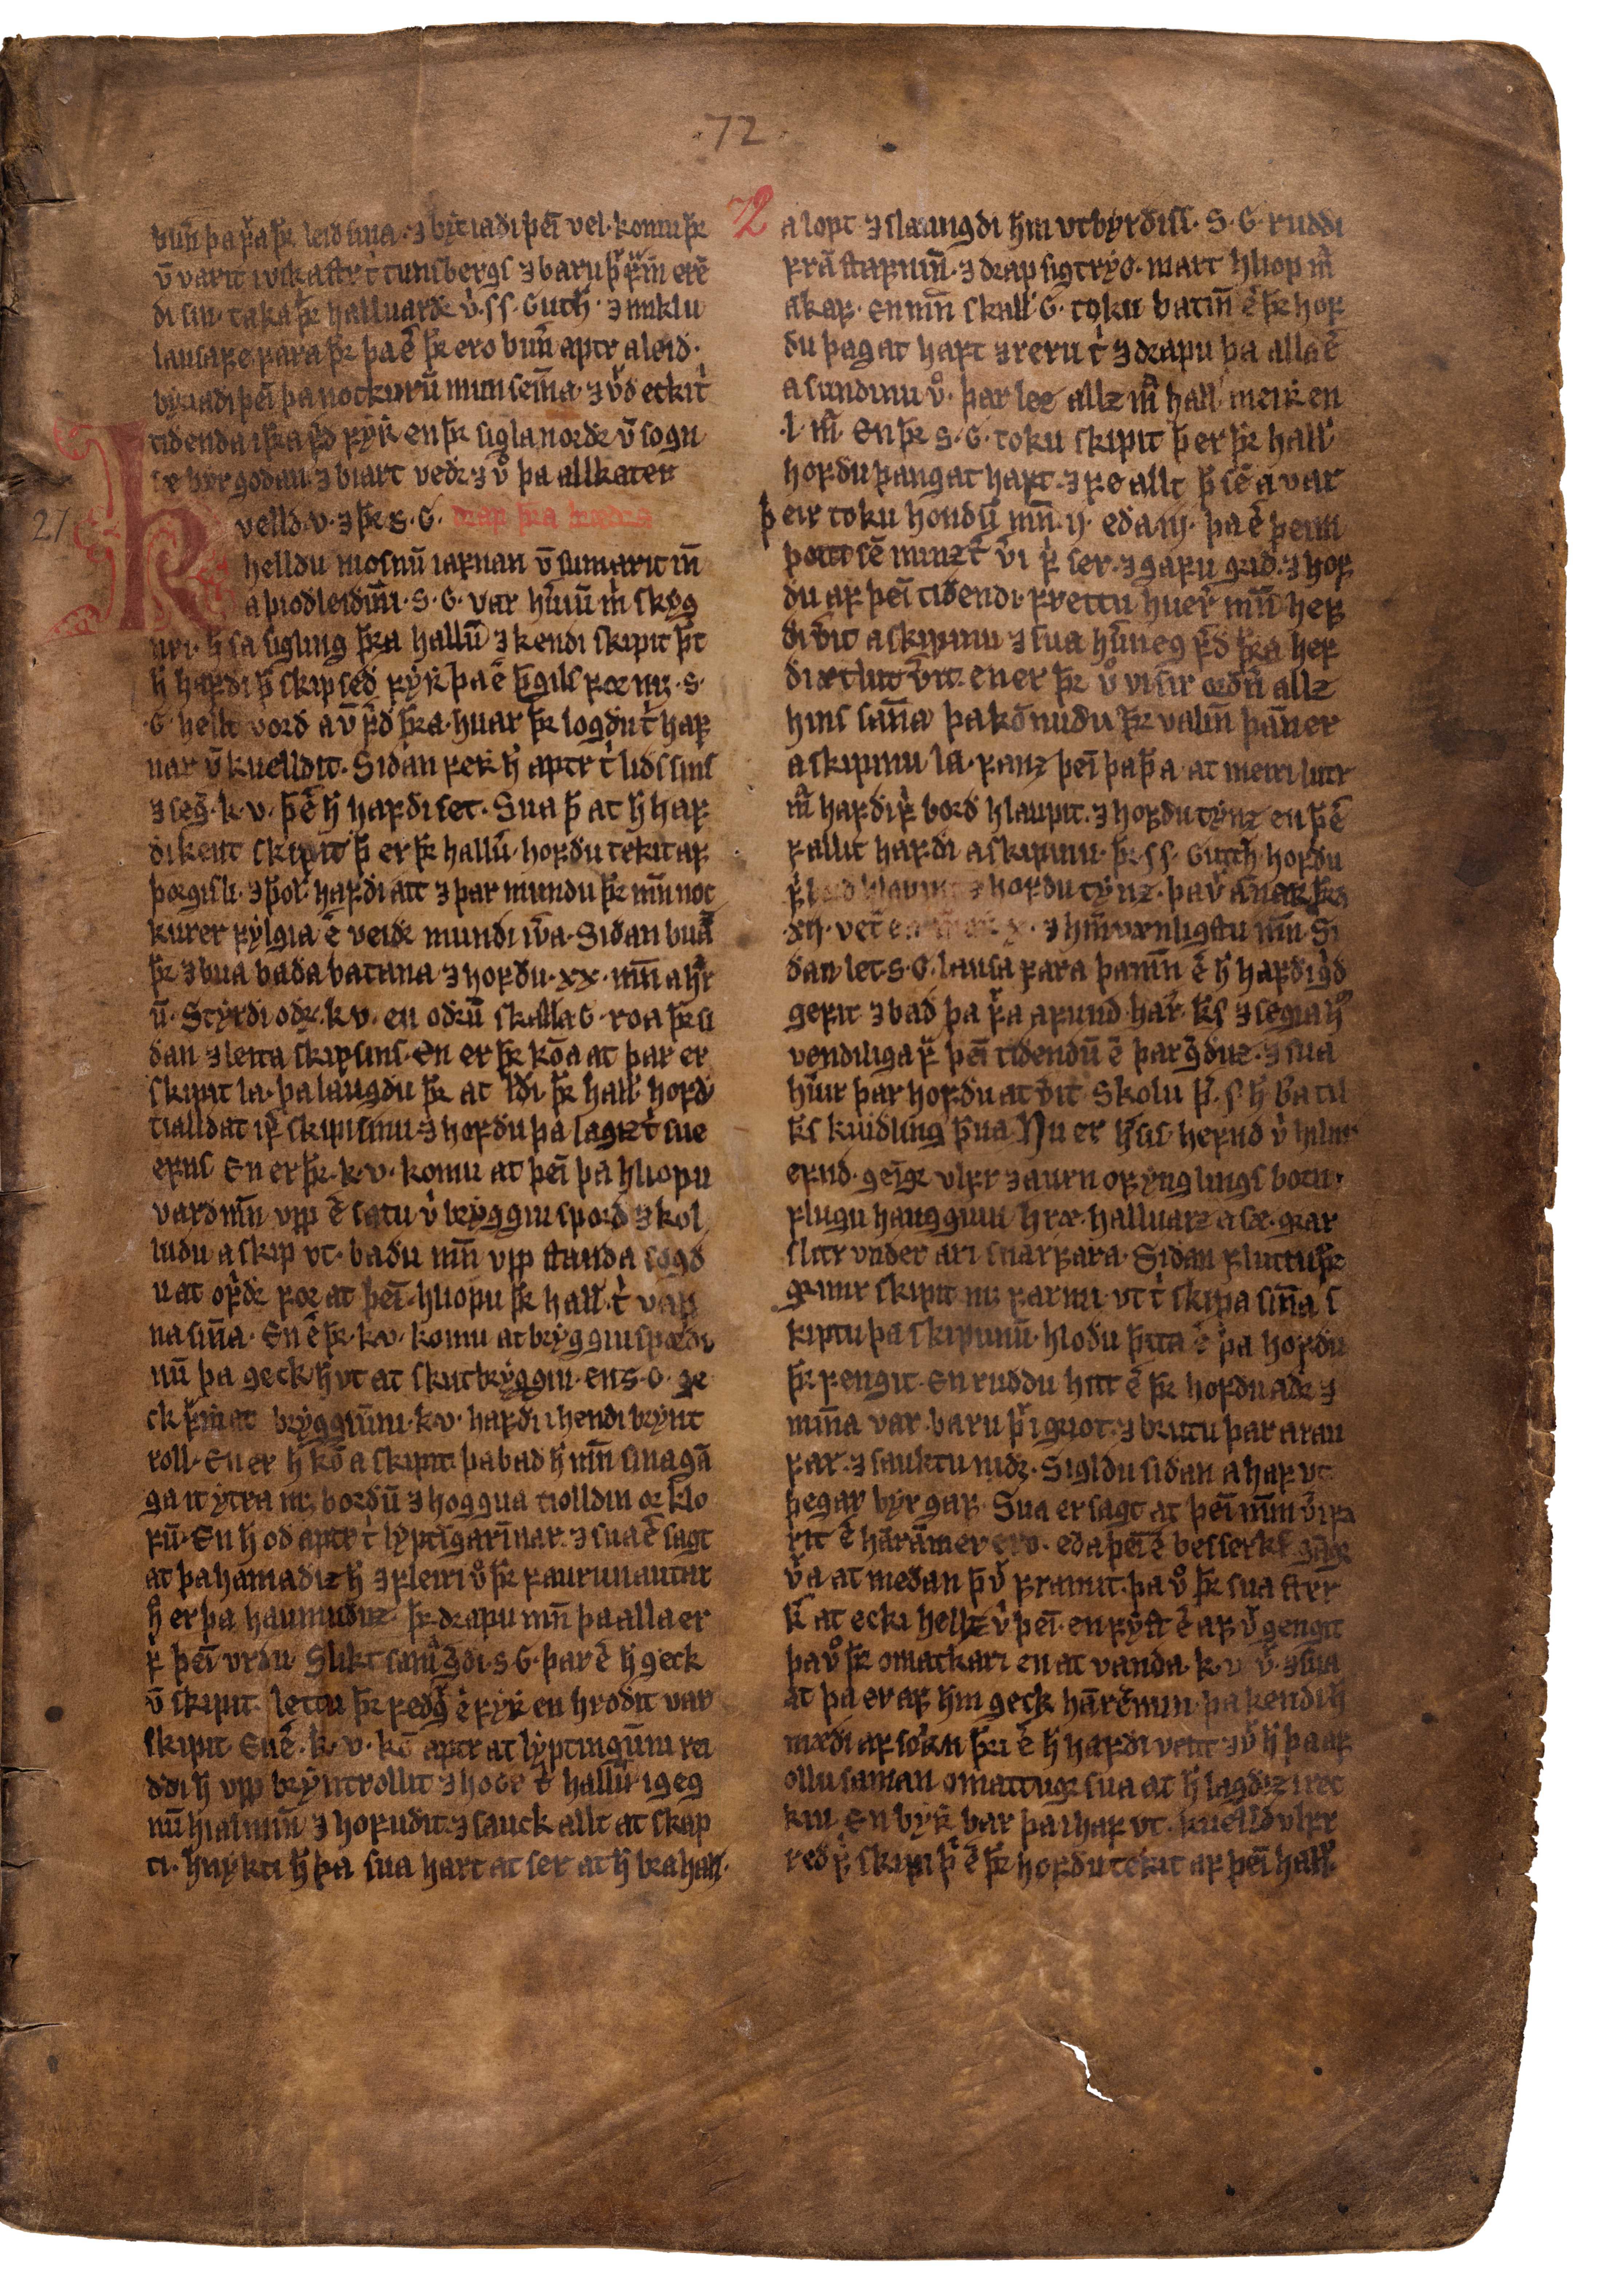 AM 132 fol - 72r